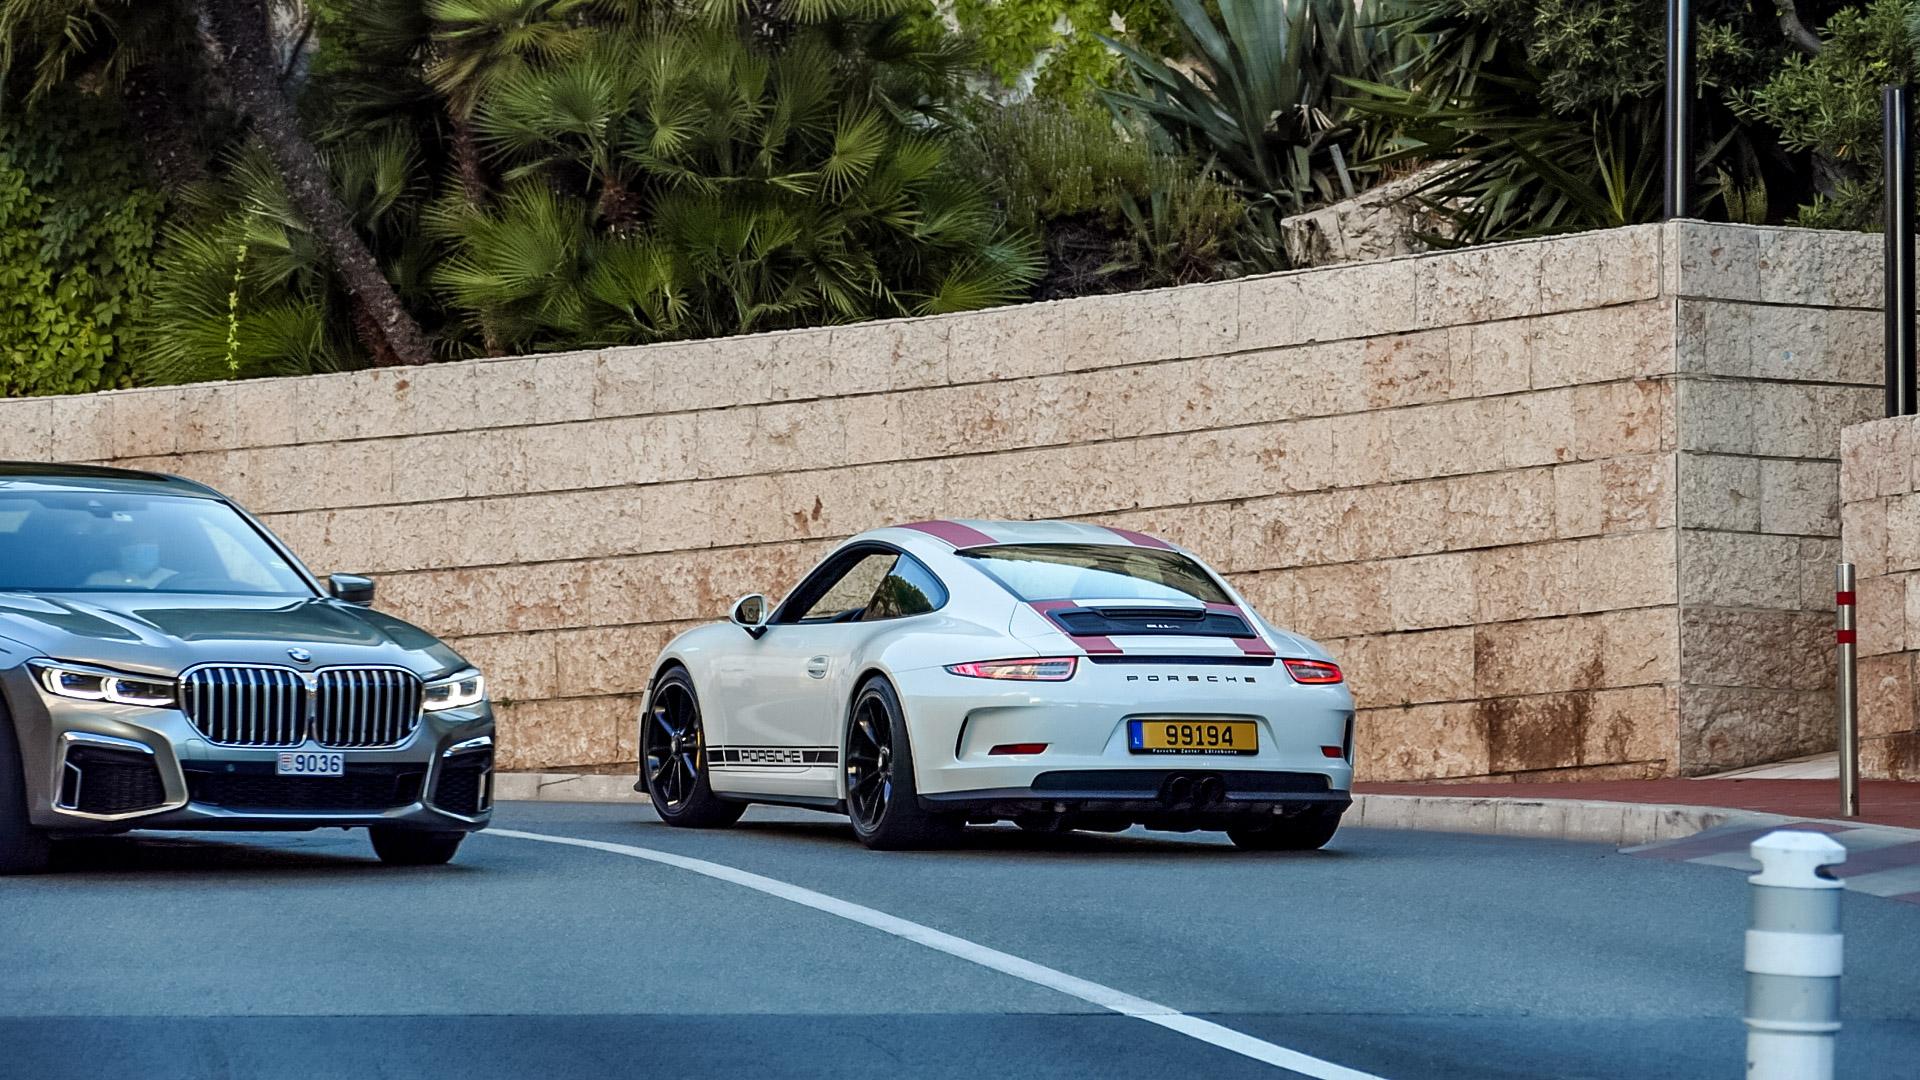 Porsche 911 R - 99194 (LUX)